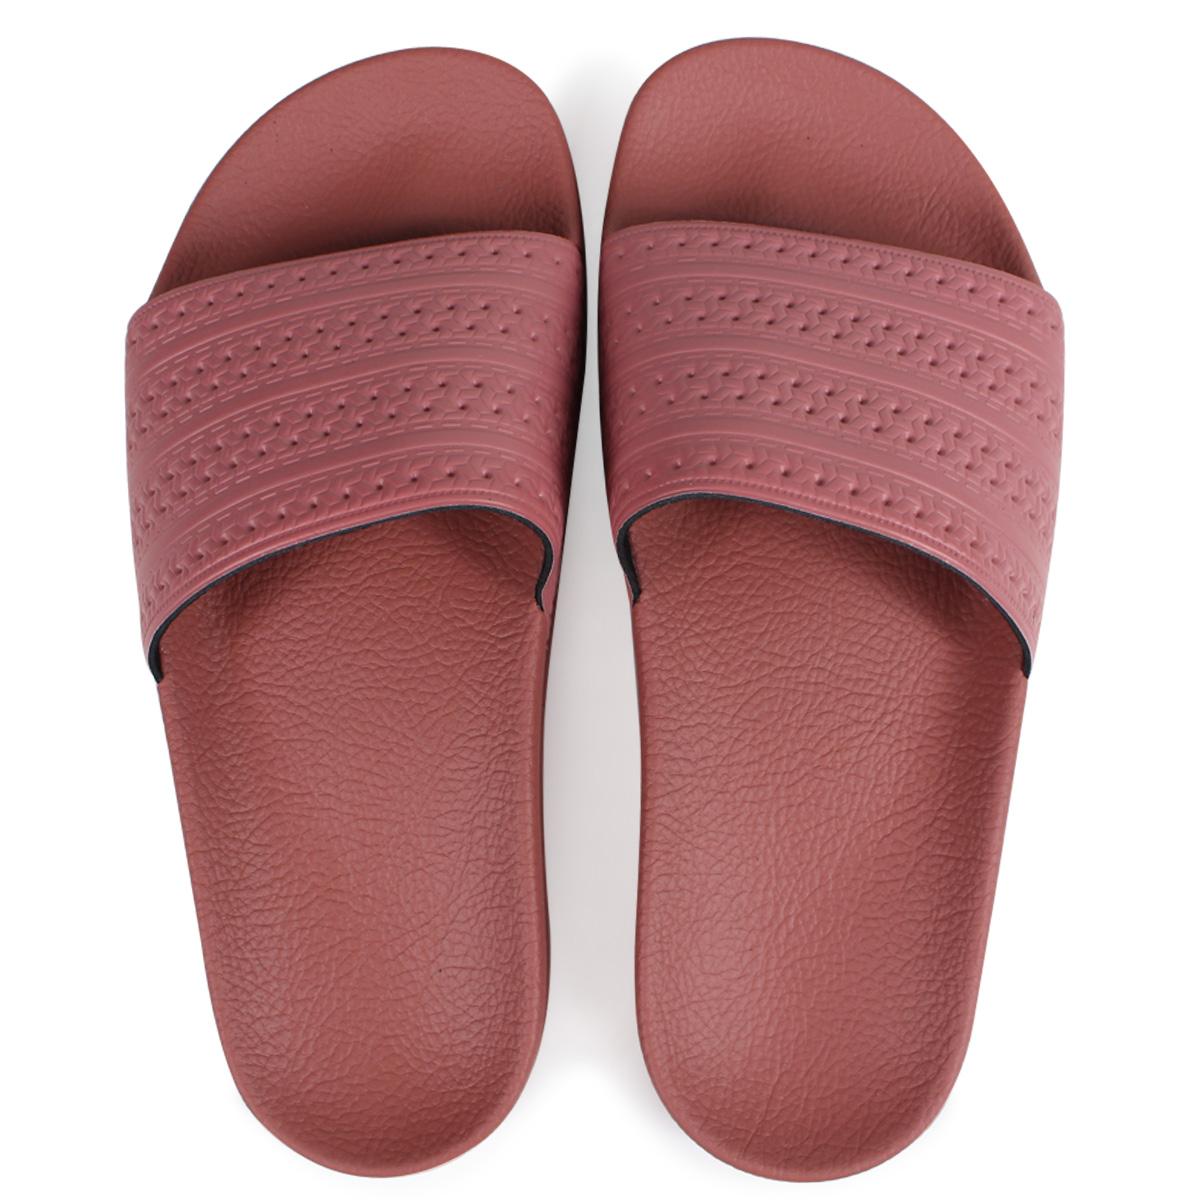 adidas Originals ADILETTE W ???????????????????????????? CQ2236 pink originals